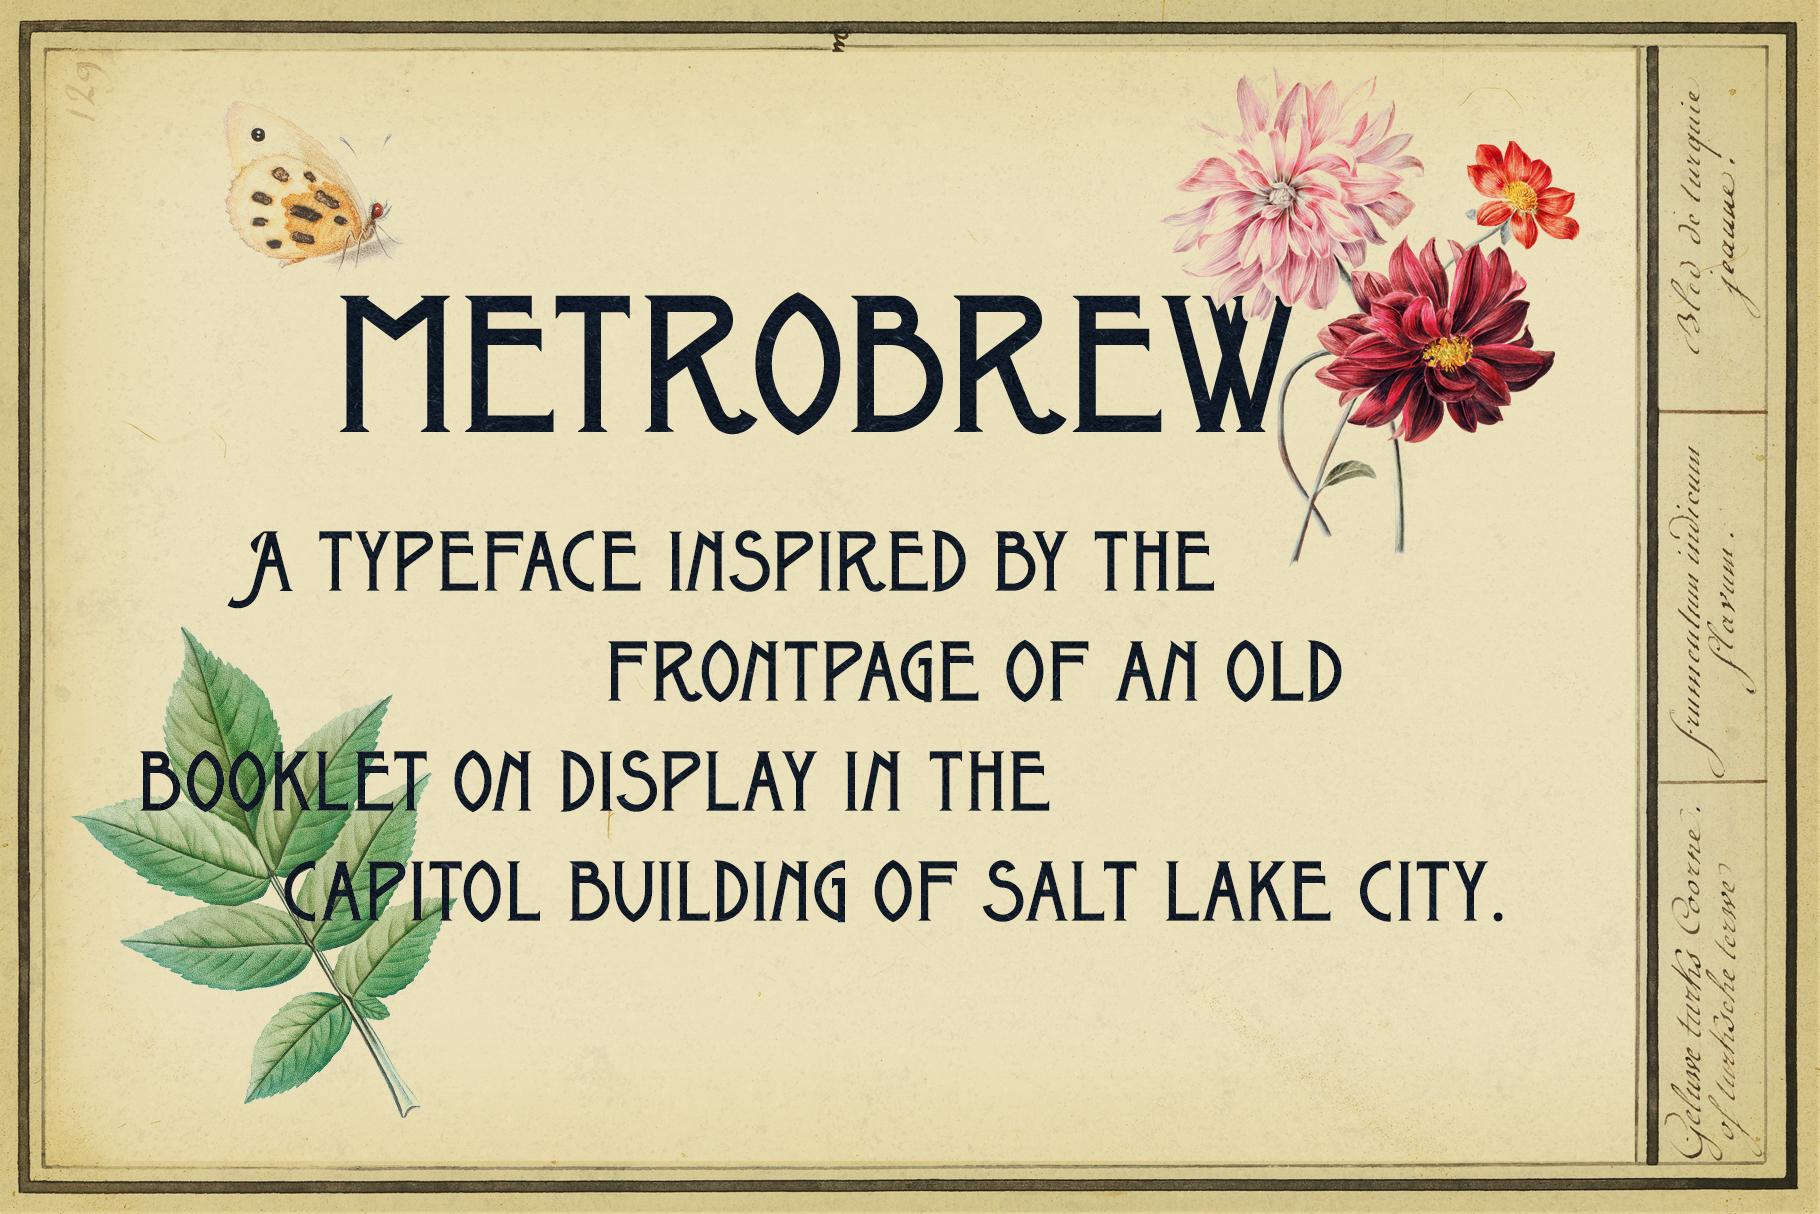 Metrobrew Vintage Font - 2 - preview V2 - 2